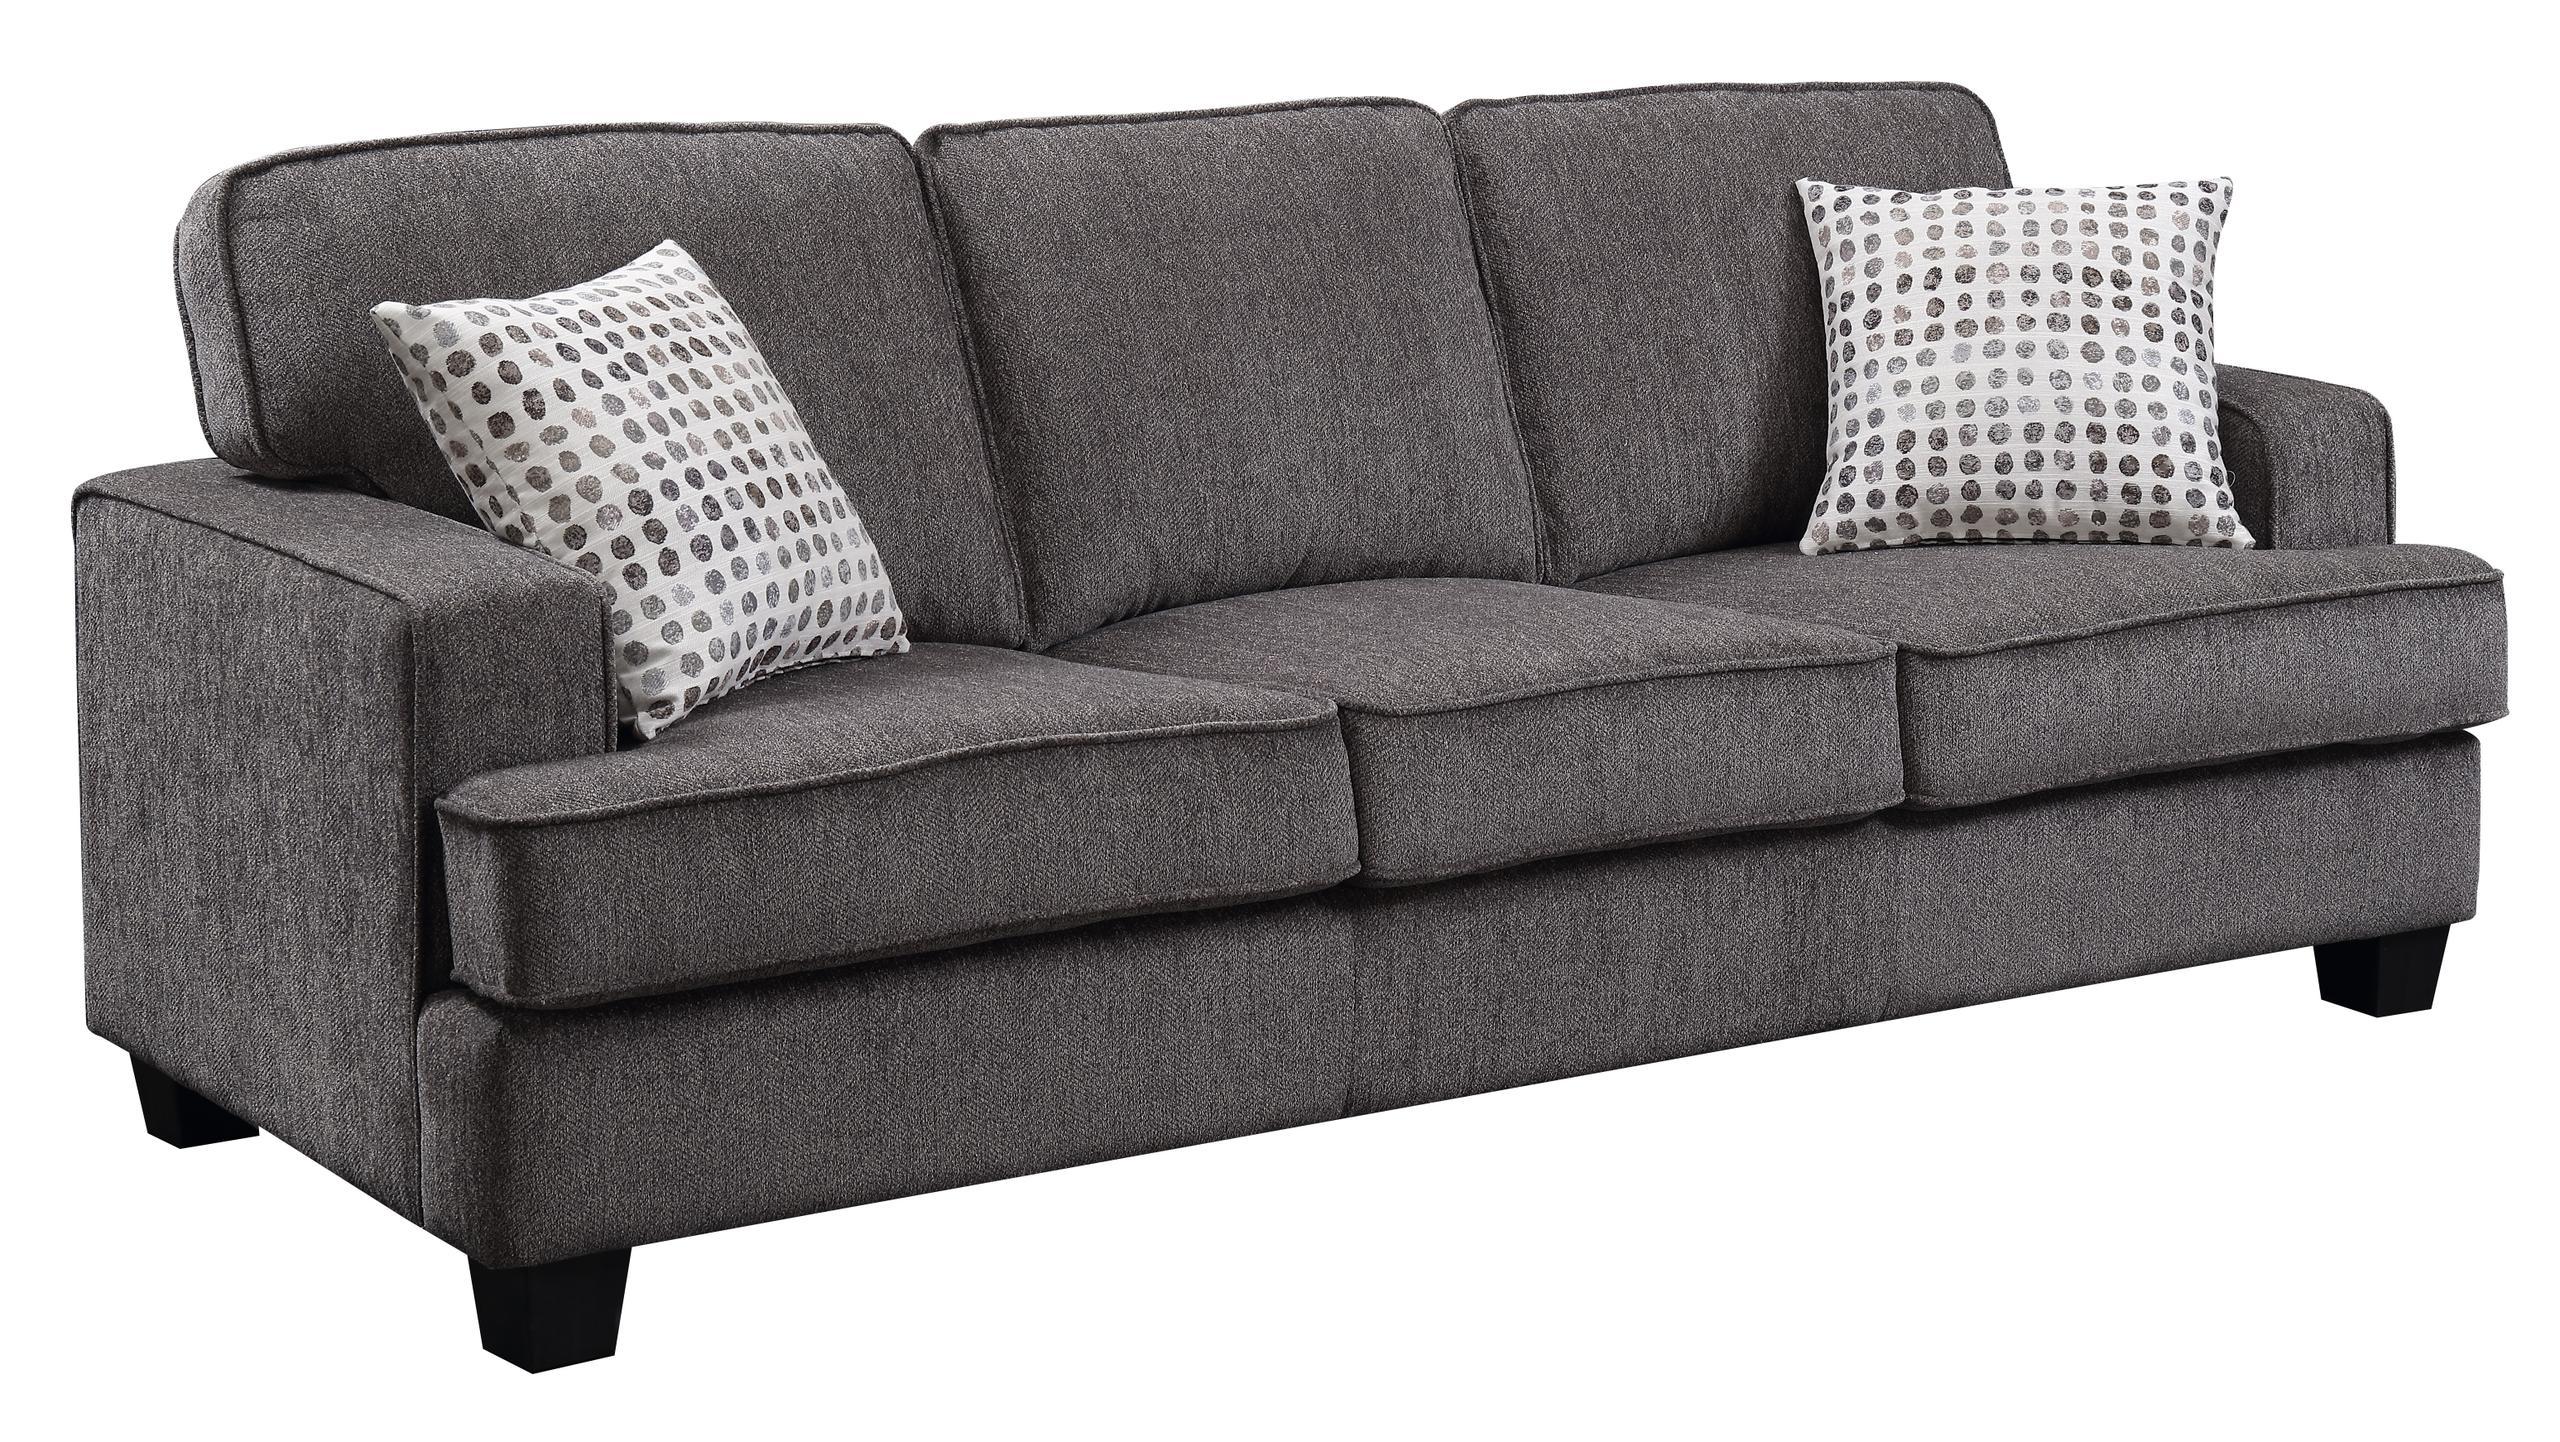 Emerald Home FurnishingsCarter Sofa, Ink U3477-00-13